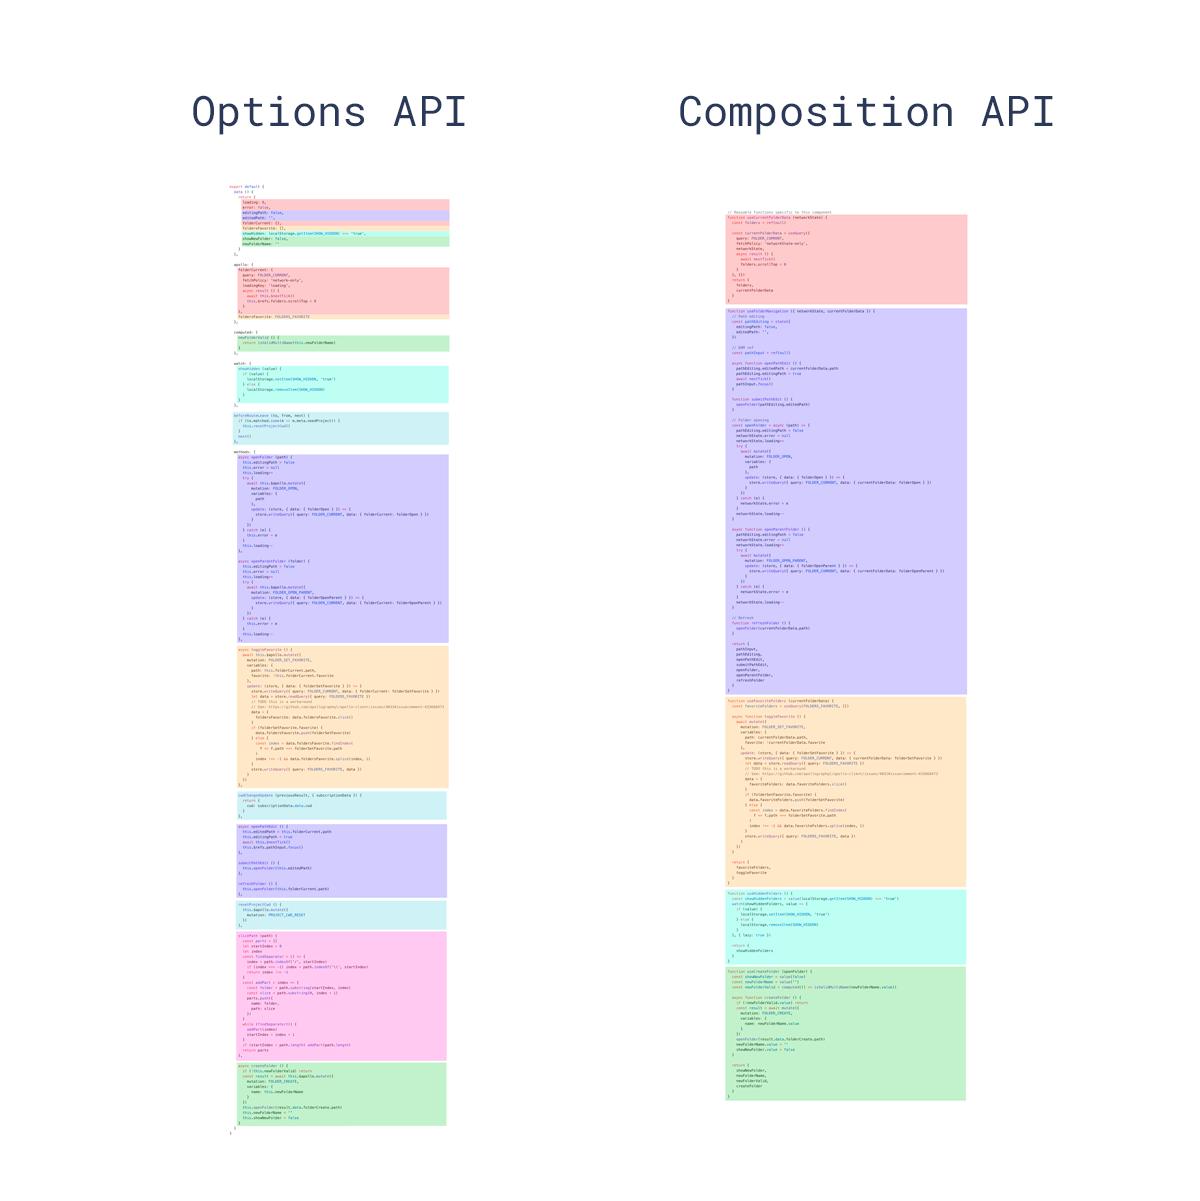 schema option API vs composition API